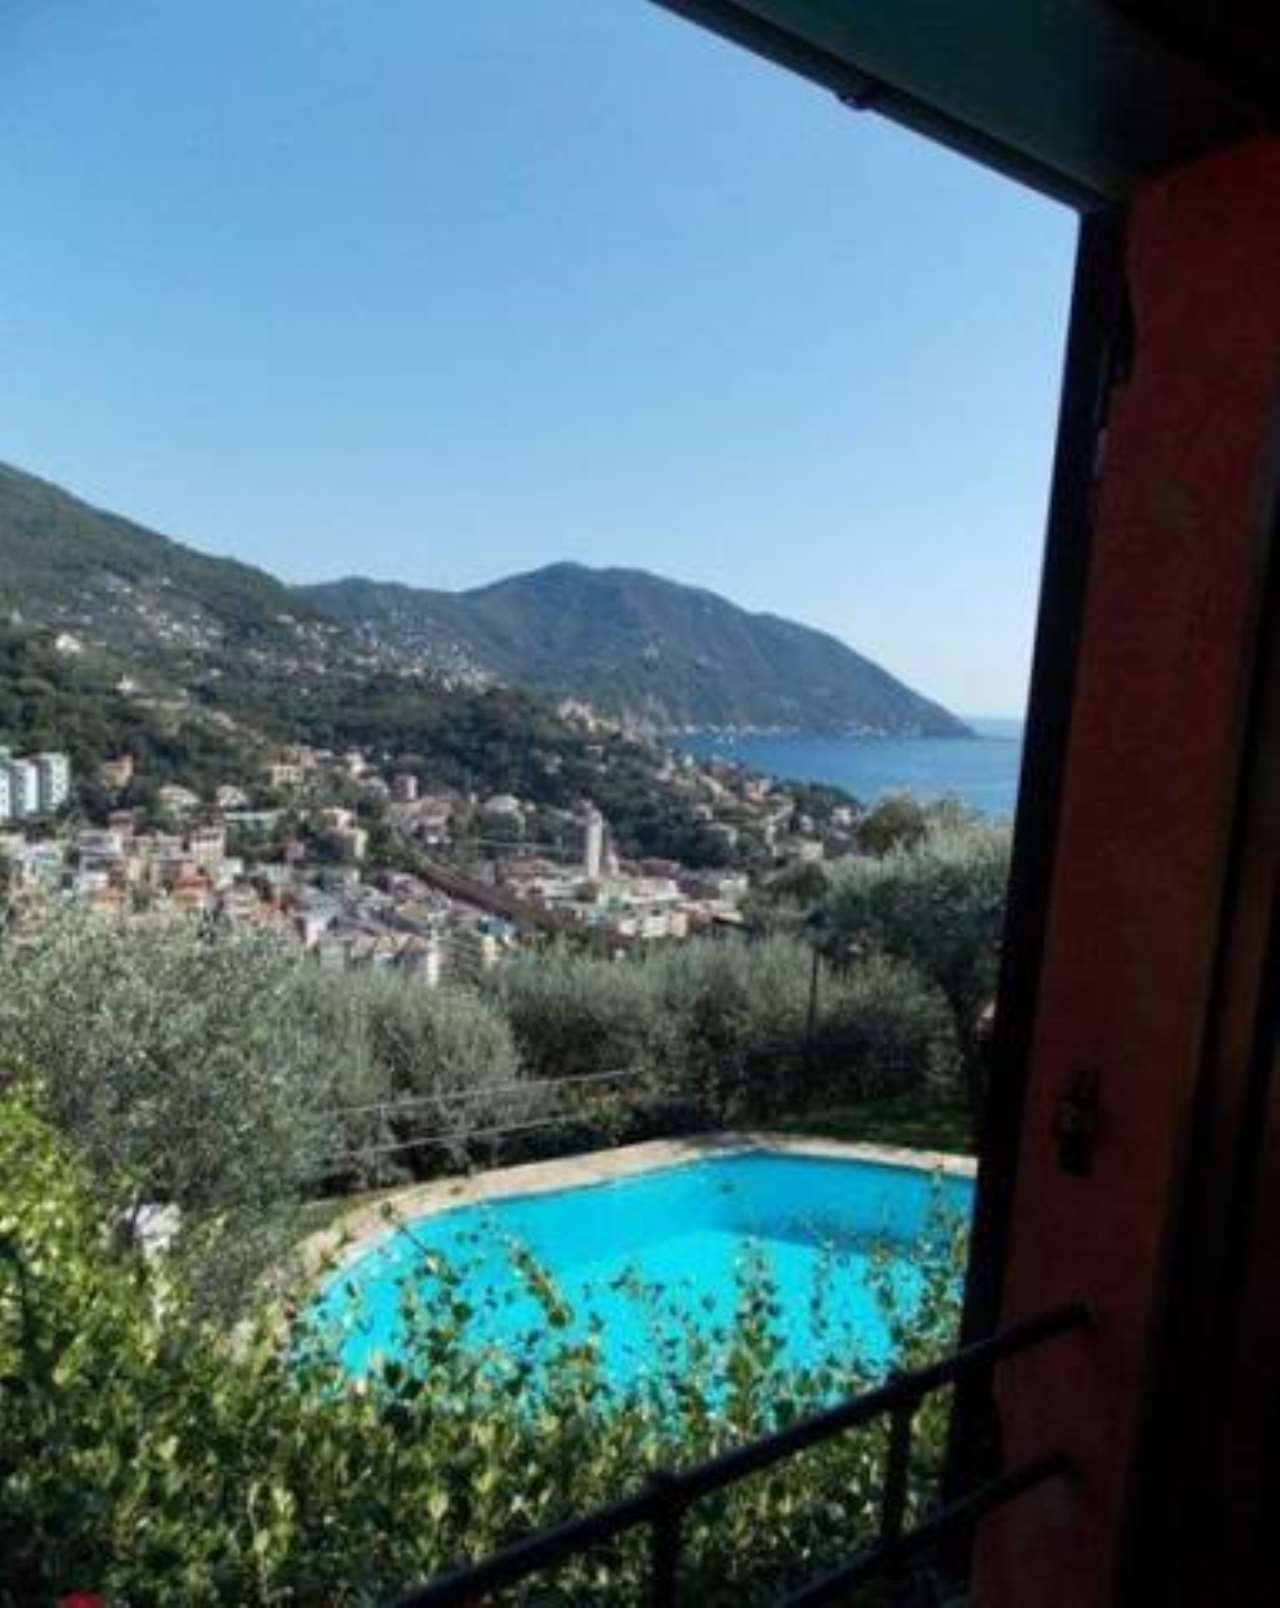 Villa in vendita a Recco, 1 locali, prezzo € 1.930.000 | CambioCasa.it